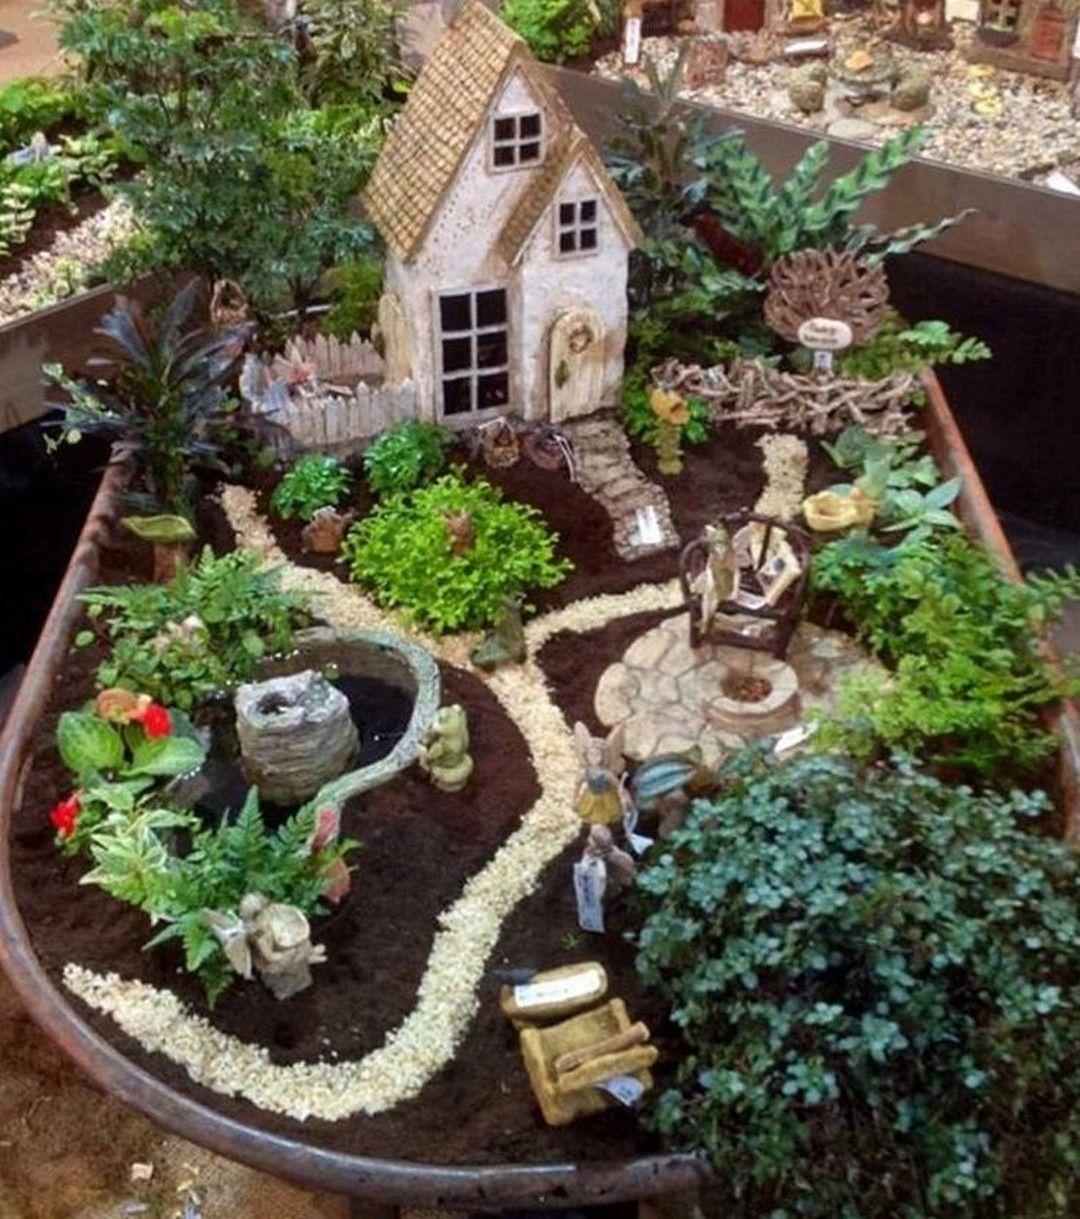 99 Magical And Best Plants Diy Fairy Garden Ideas 99architecture Fairy Garden Miniature Fairy Gardens My Fairy Garden